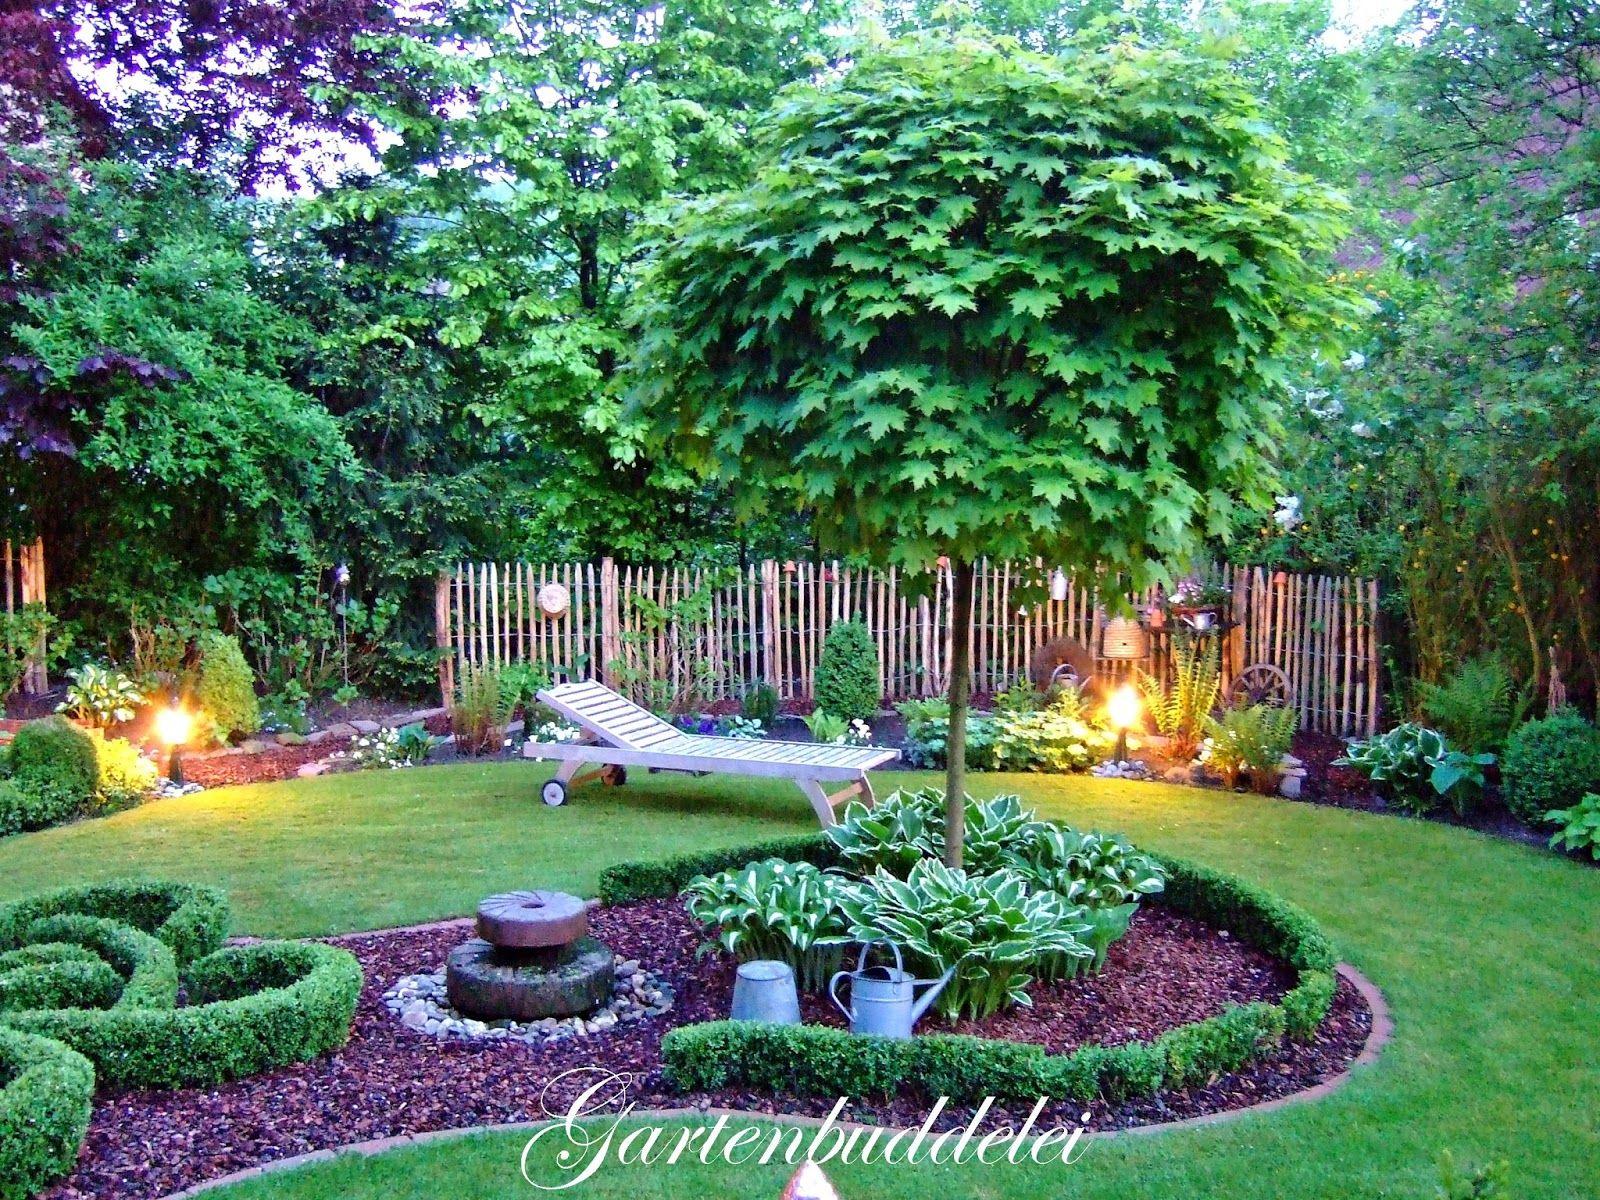 Gartenbuddelei Zeigt Her Eure Garten Ein Blog Event Garten Gartenbuddelei Haus Und Garten